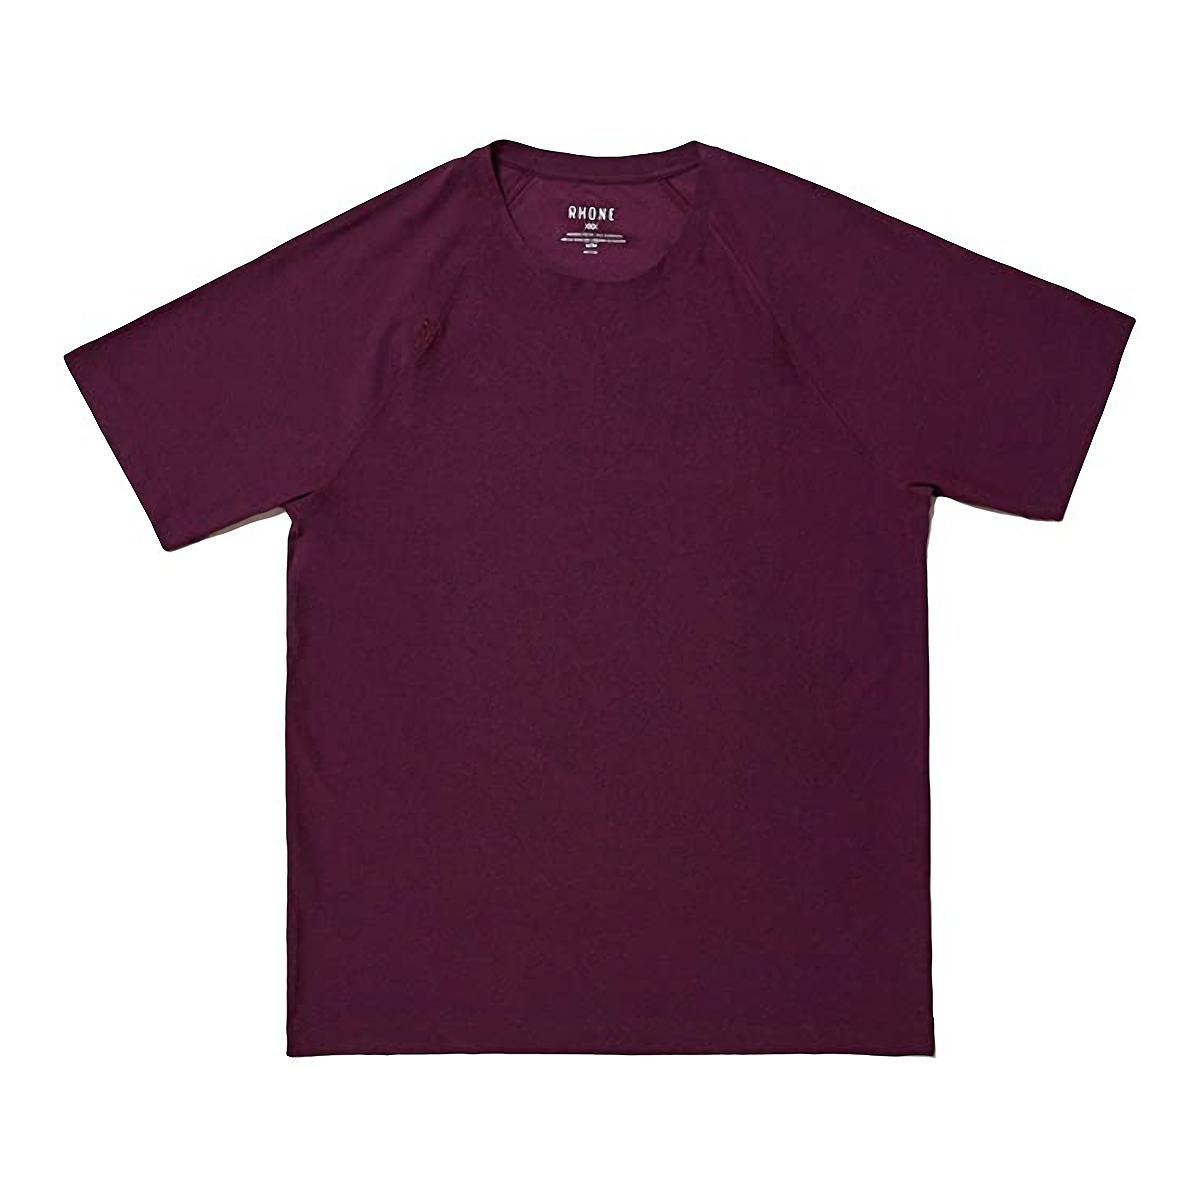 Men's Rhone Reign Short Sleeve - Color: Black/Fuschia - Size: S, Black/Fuschia, large, image 1